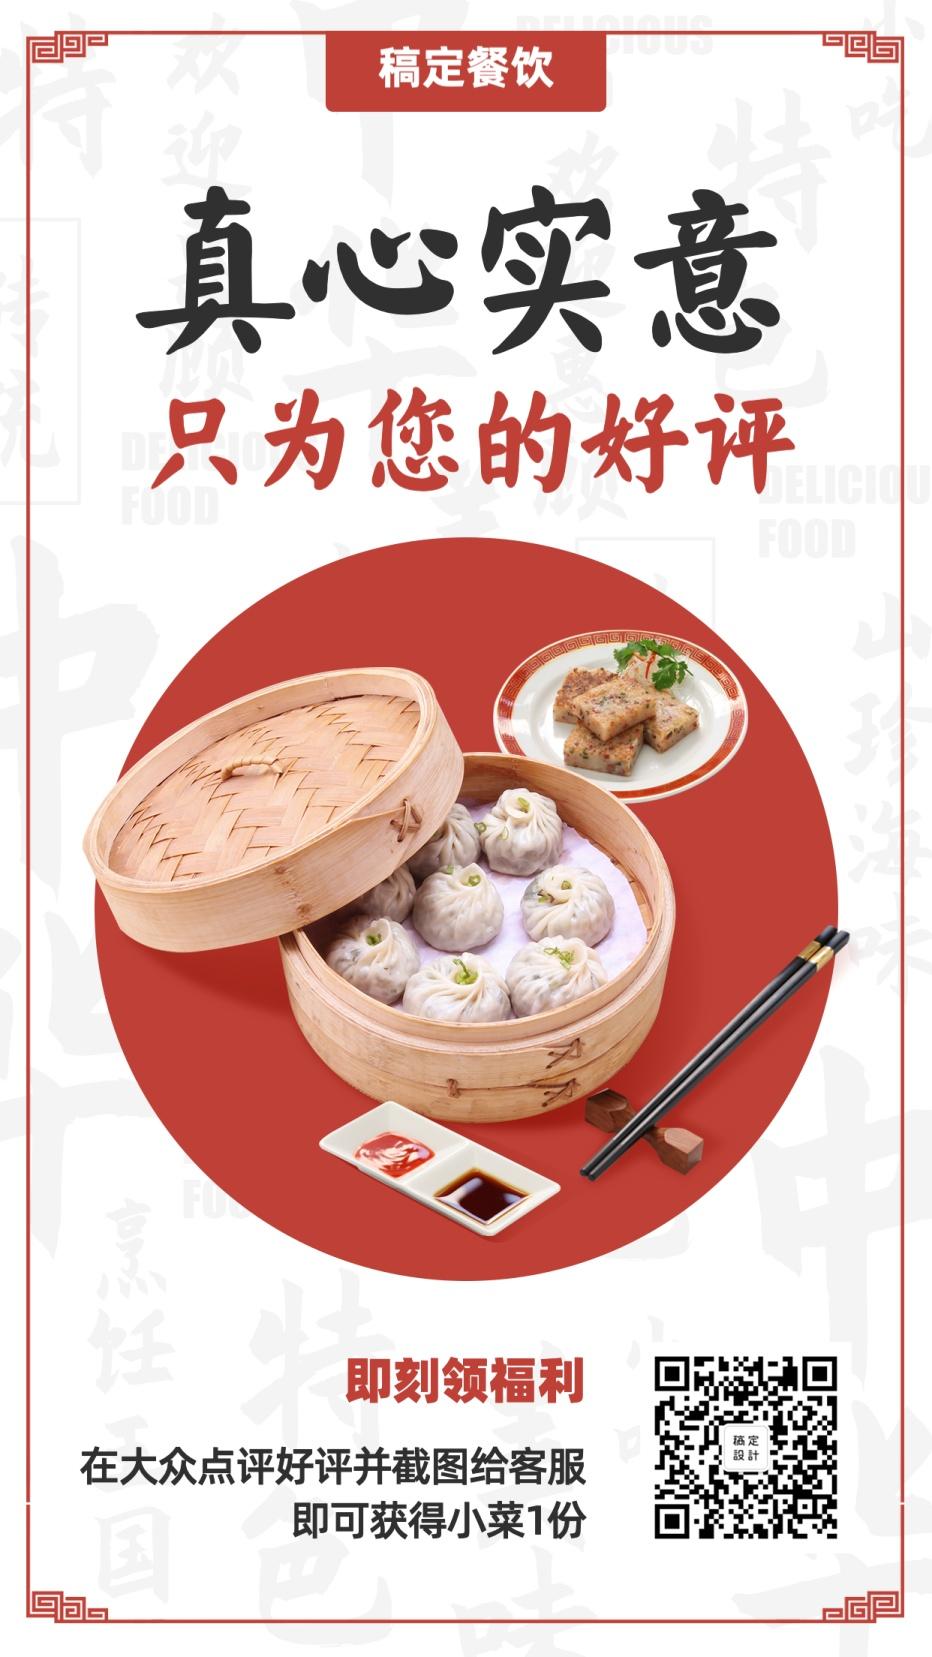 餐饮美食/好评有礼活动/中国风/手机海报